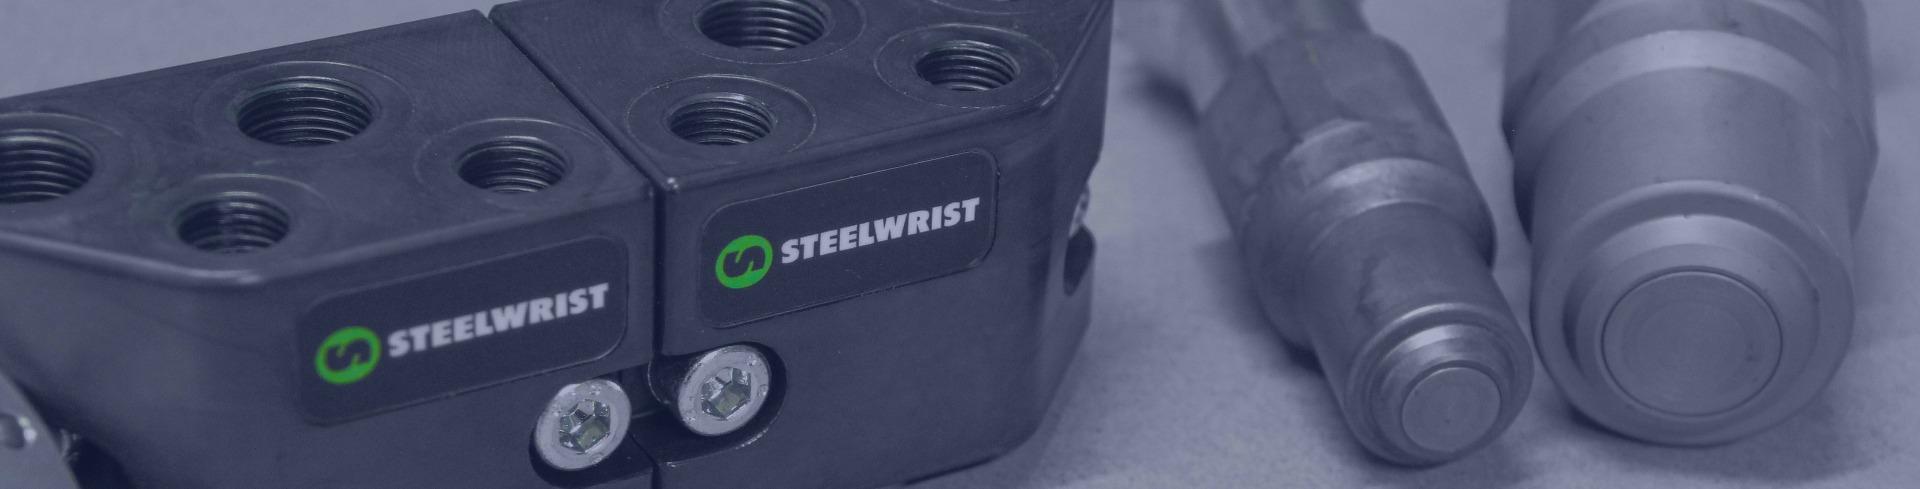 Steelwrist Ersatzteile